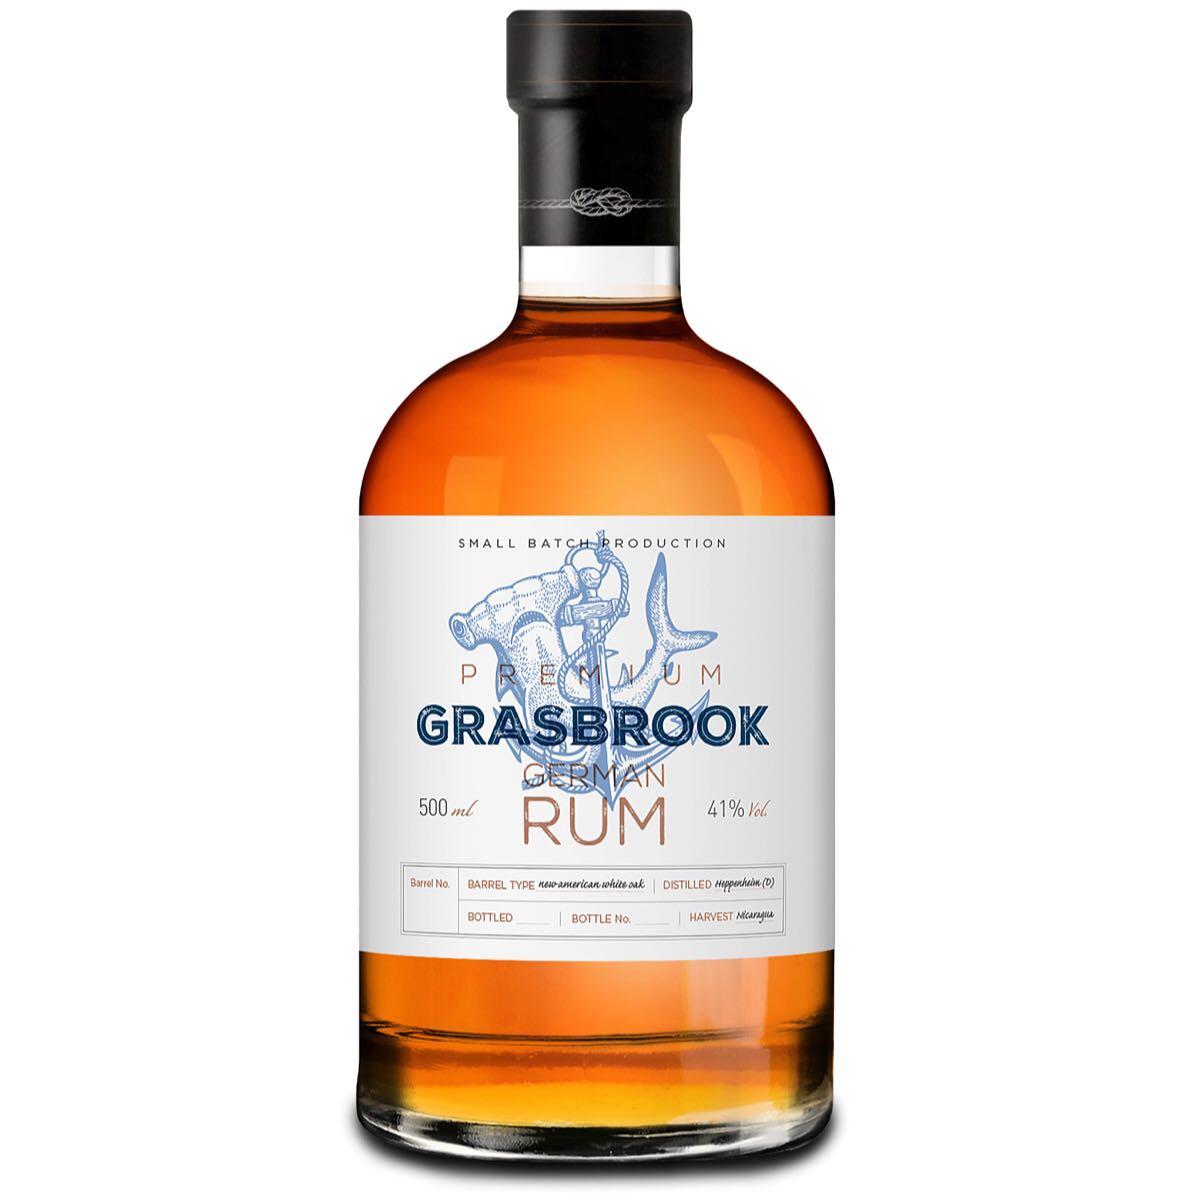 Bottle image of Grasbrook